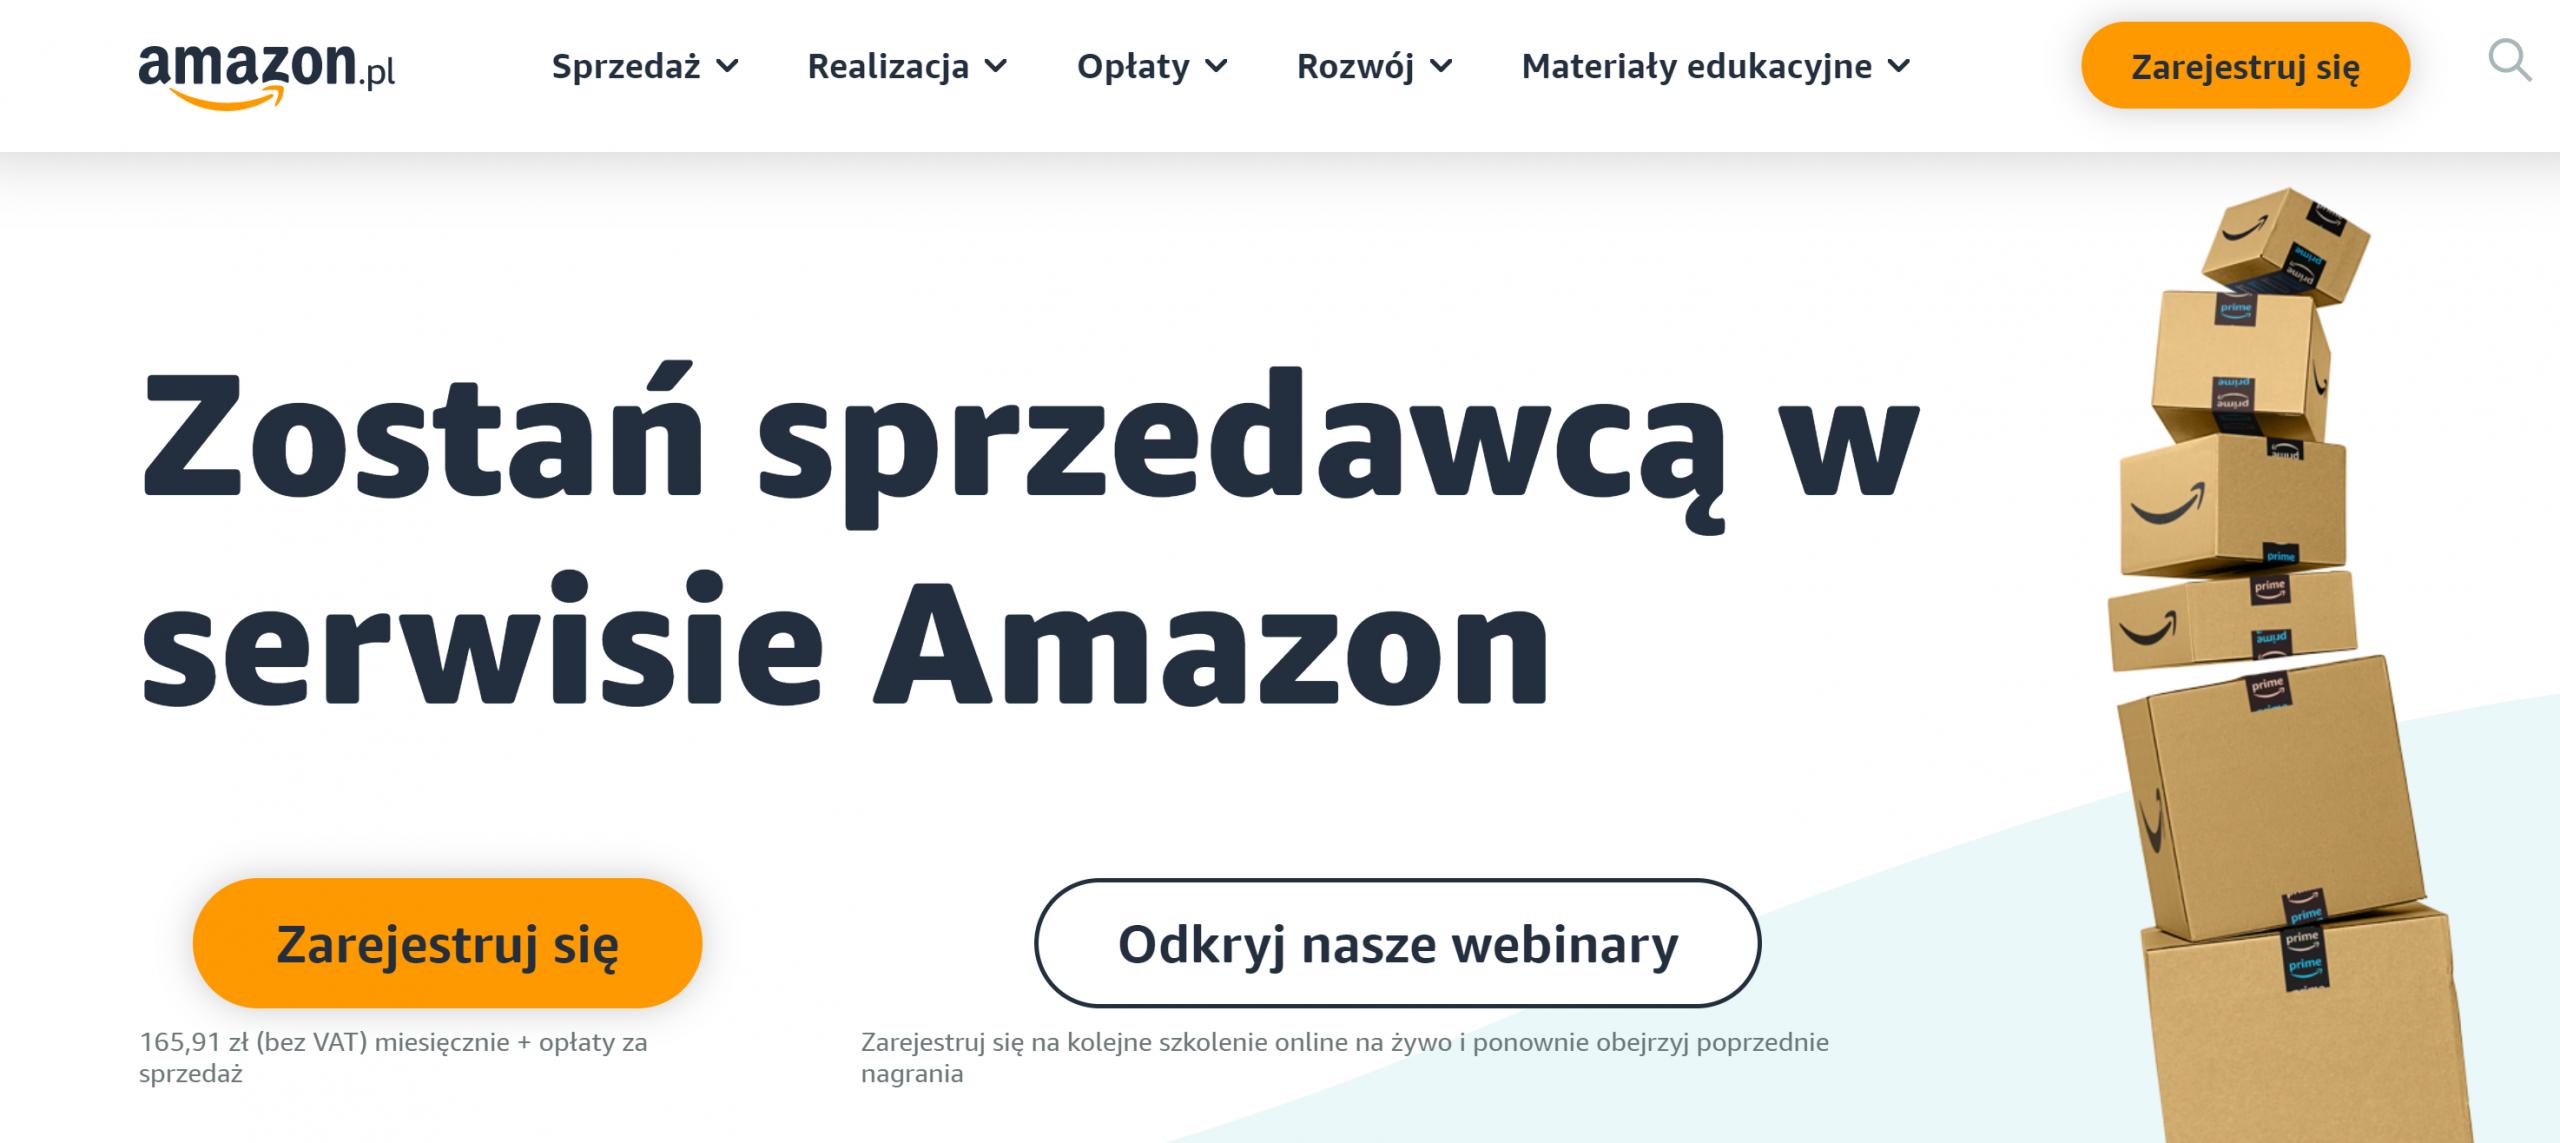 Amazon2-polska-jak dziala-dlaczego warto-jak sprzedawac-ekantor-pl